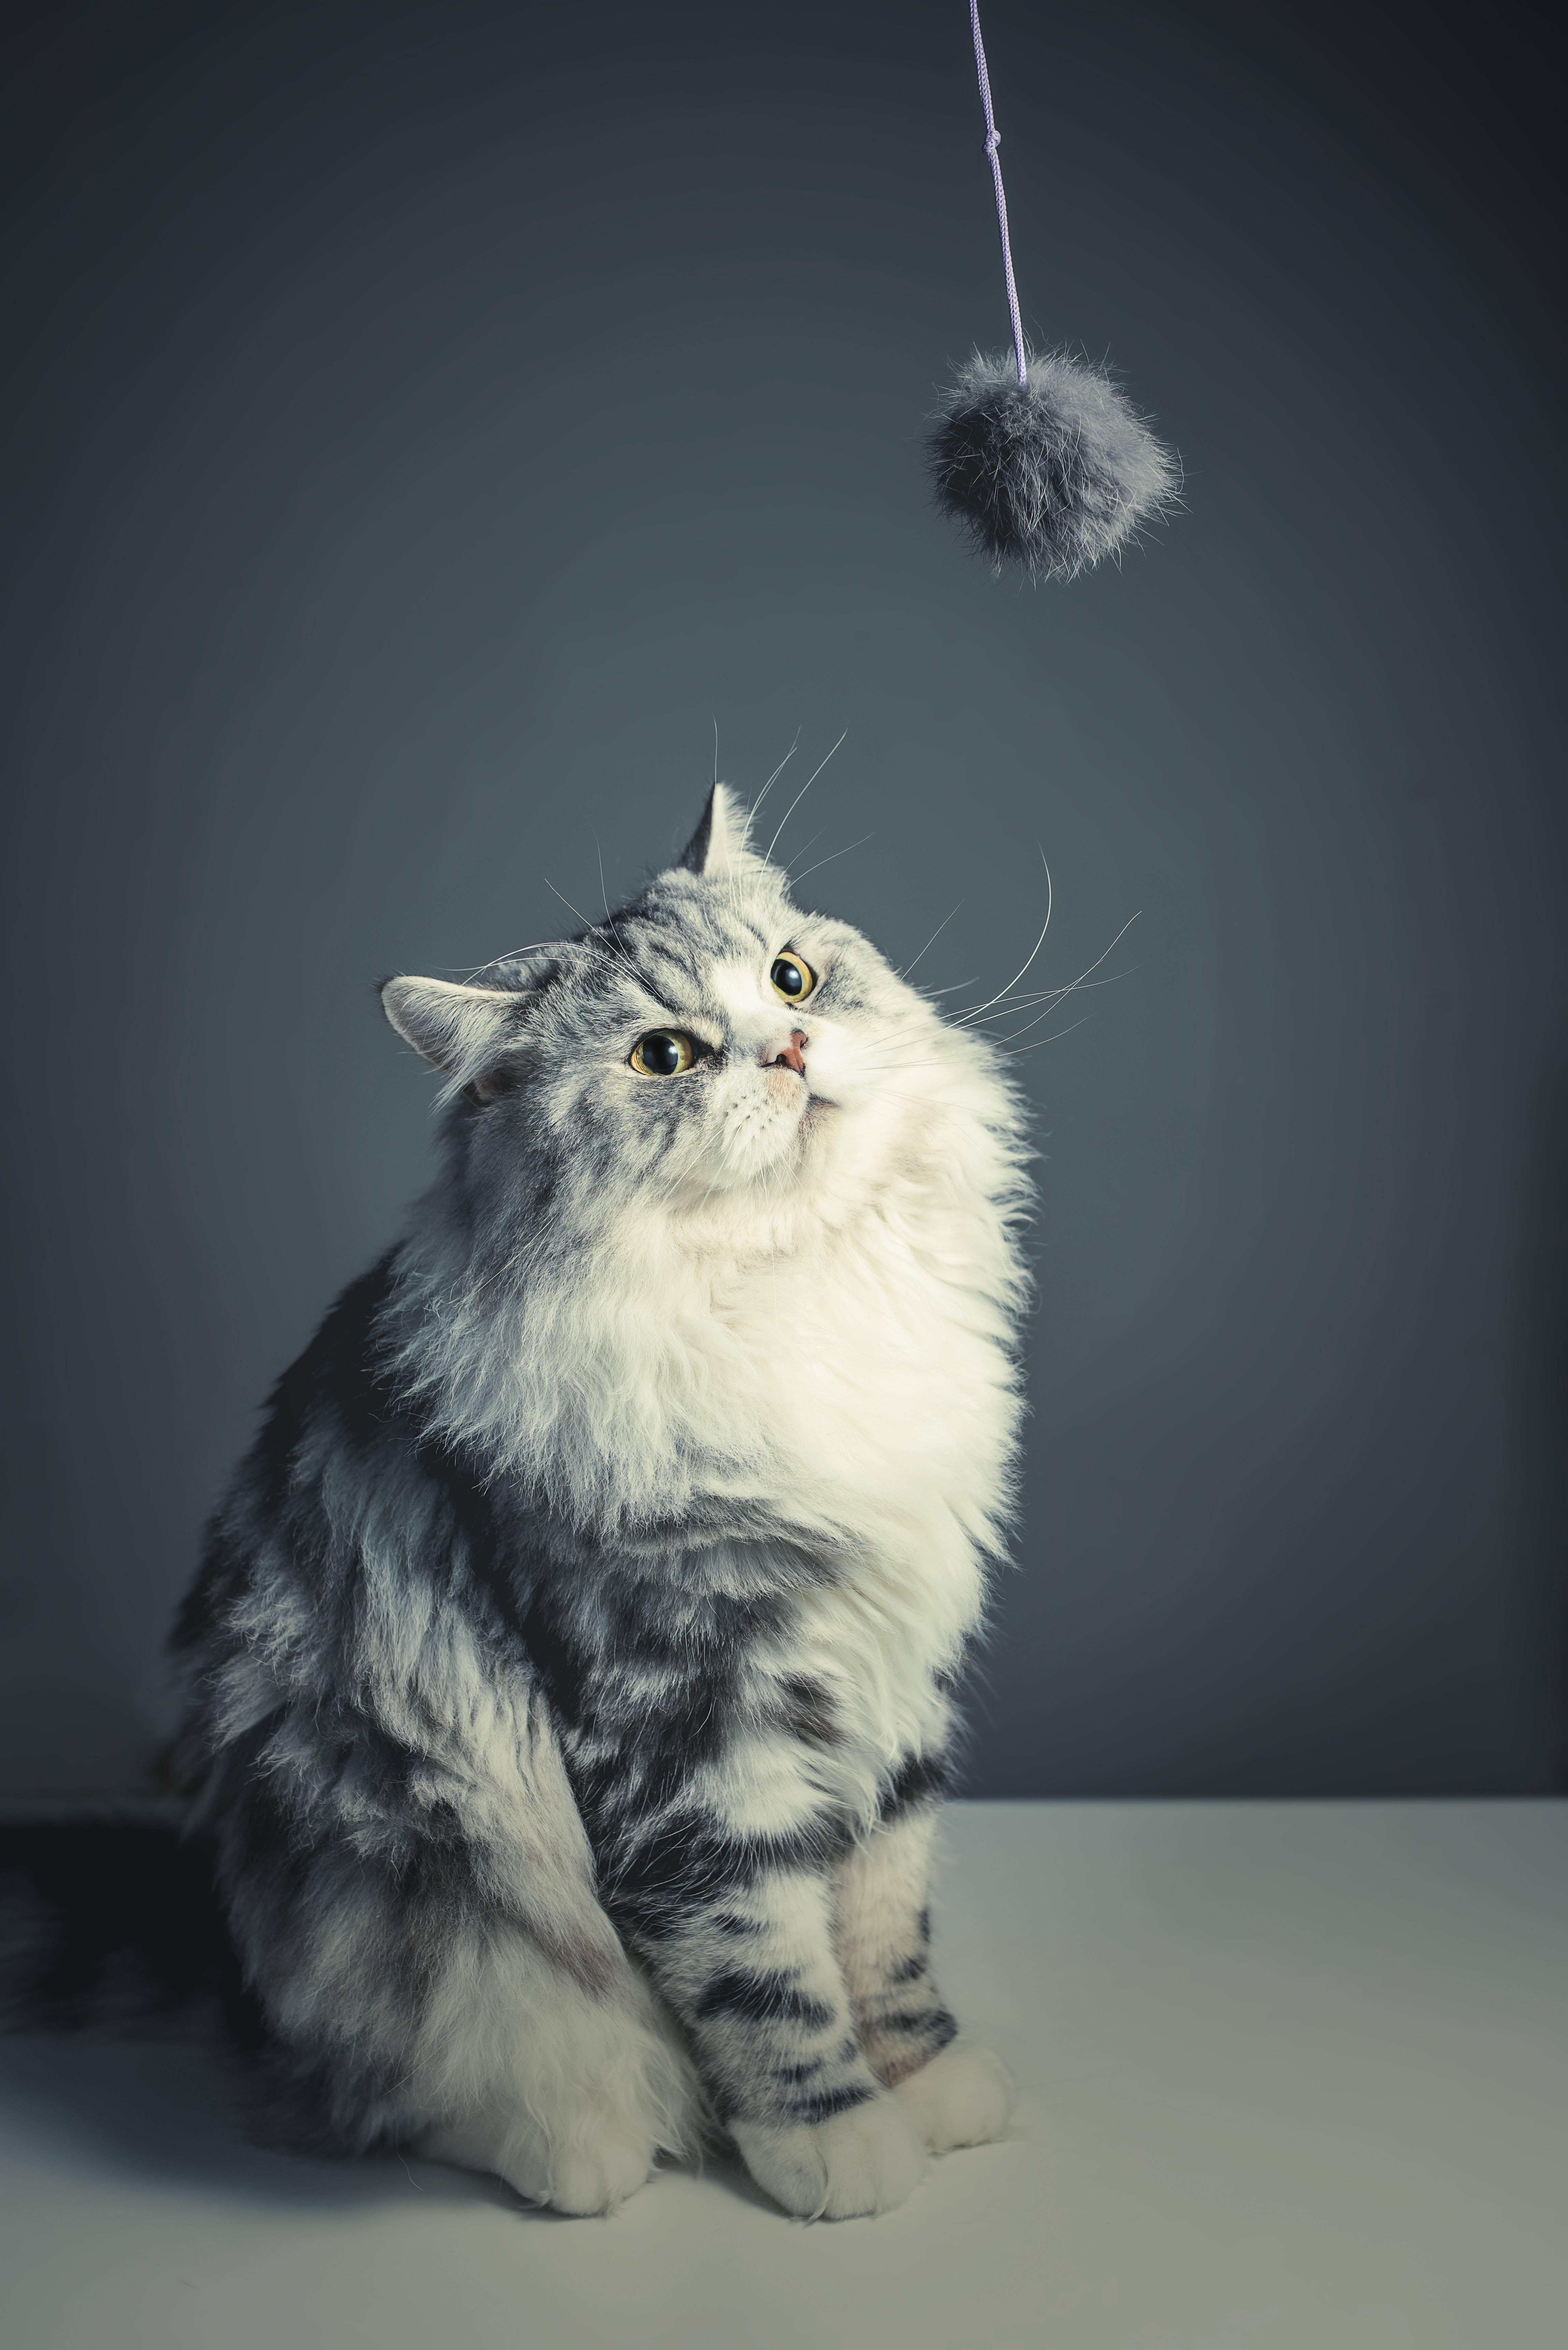 Científicos por fin descubren cómo usan los gatos su lengua para asearse